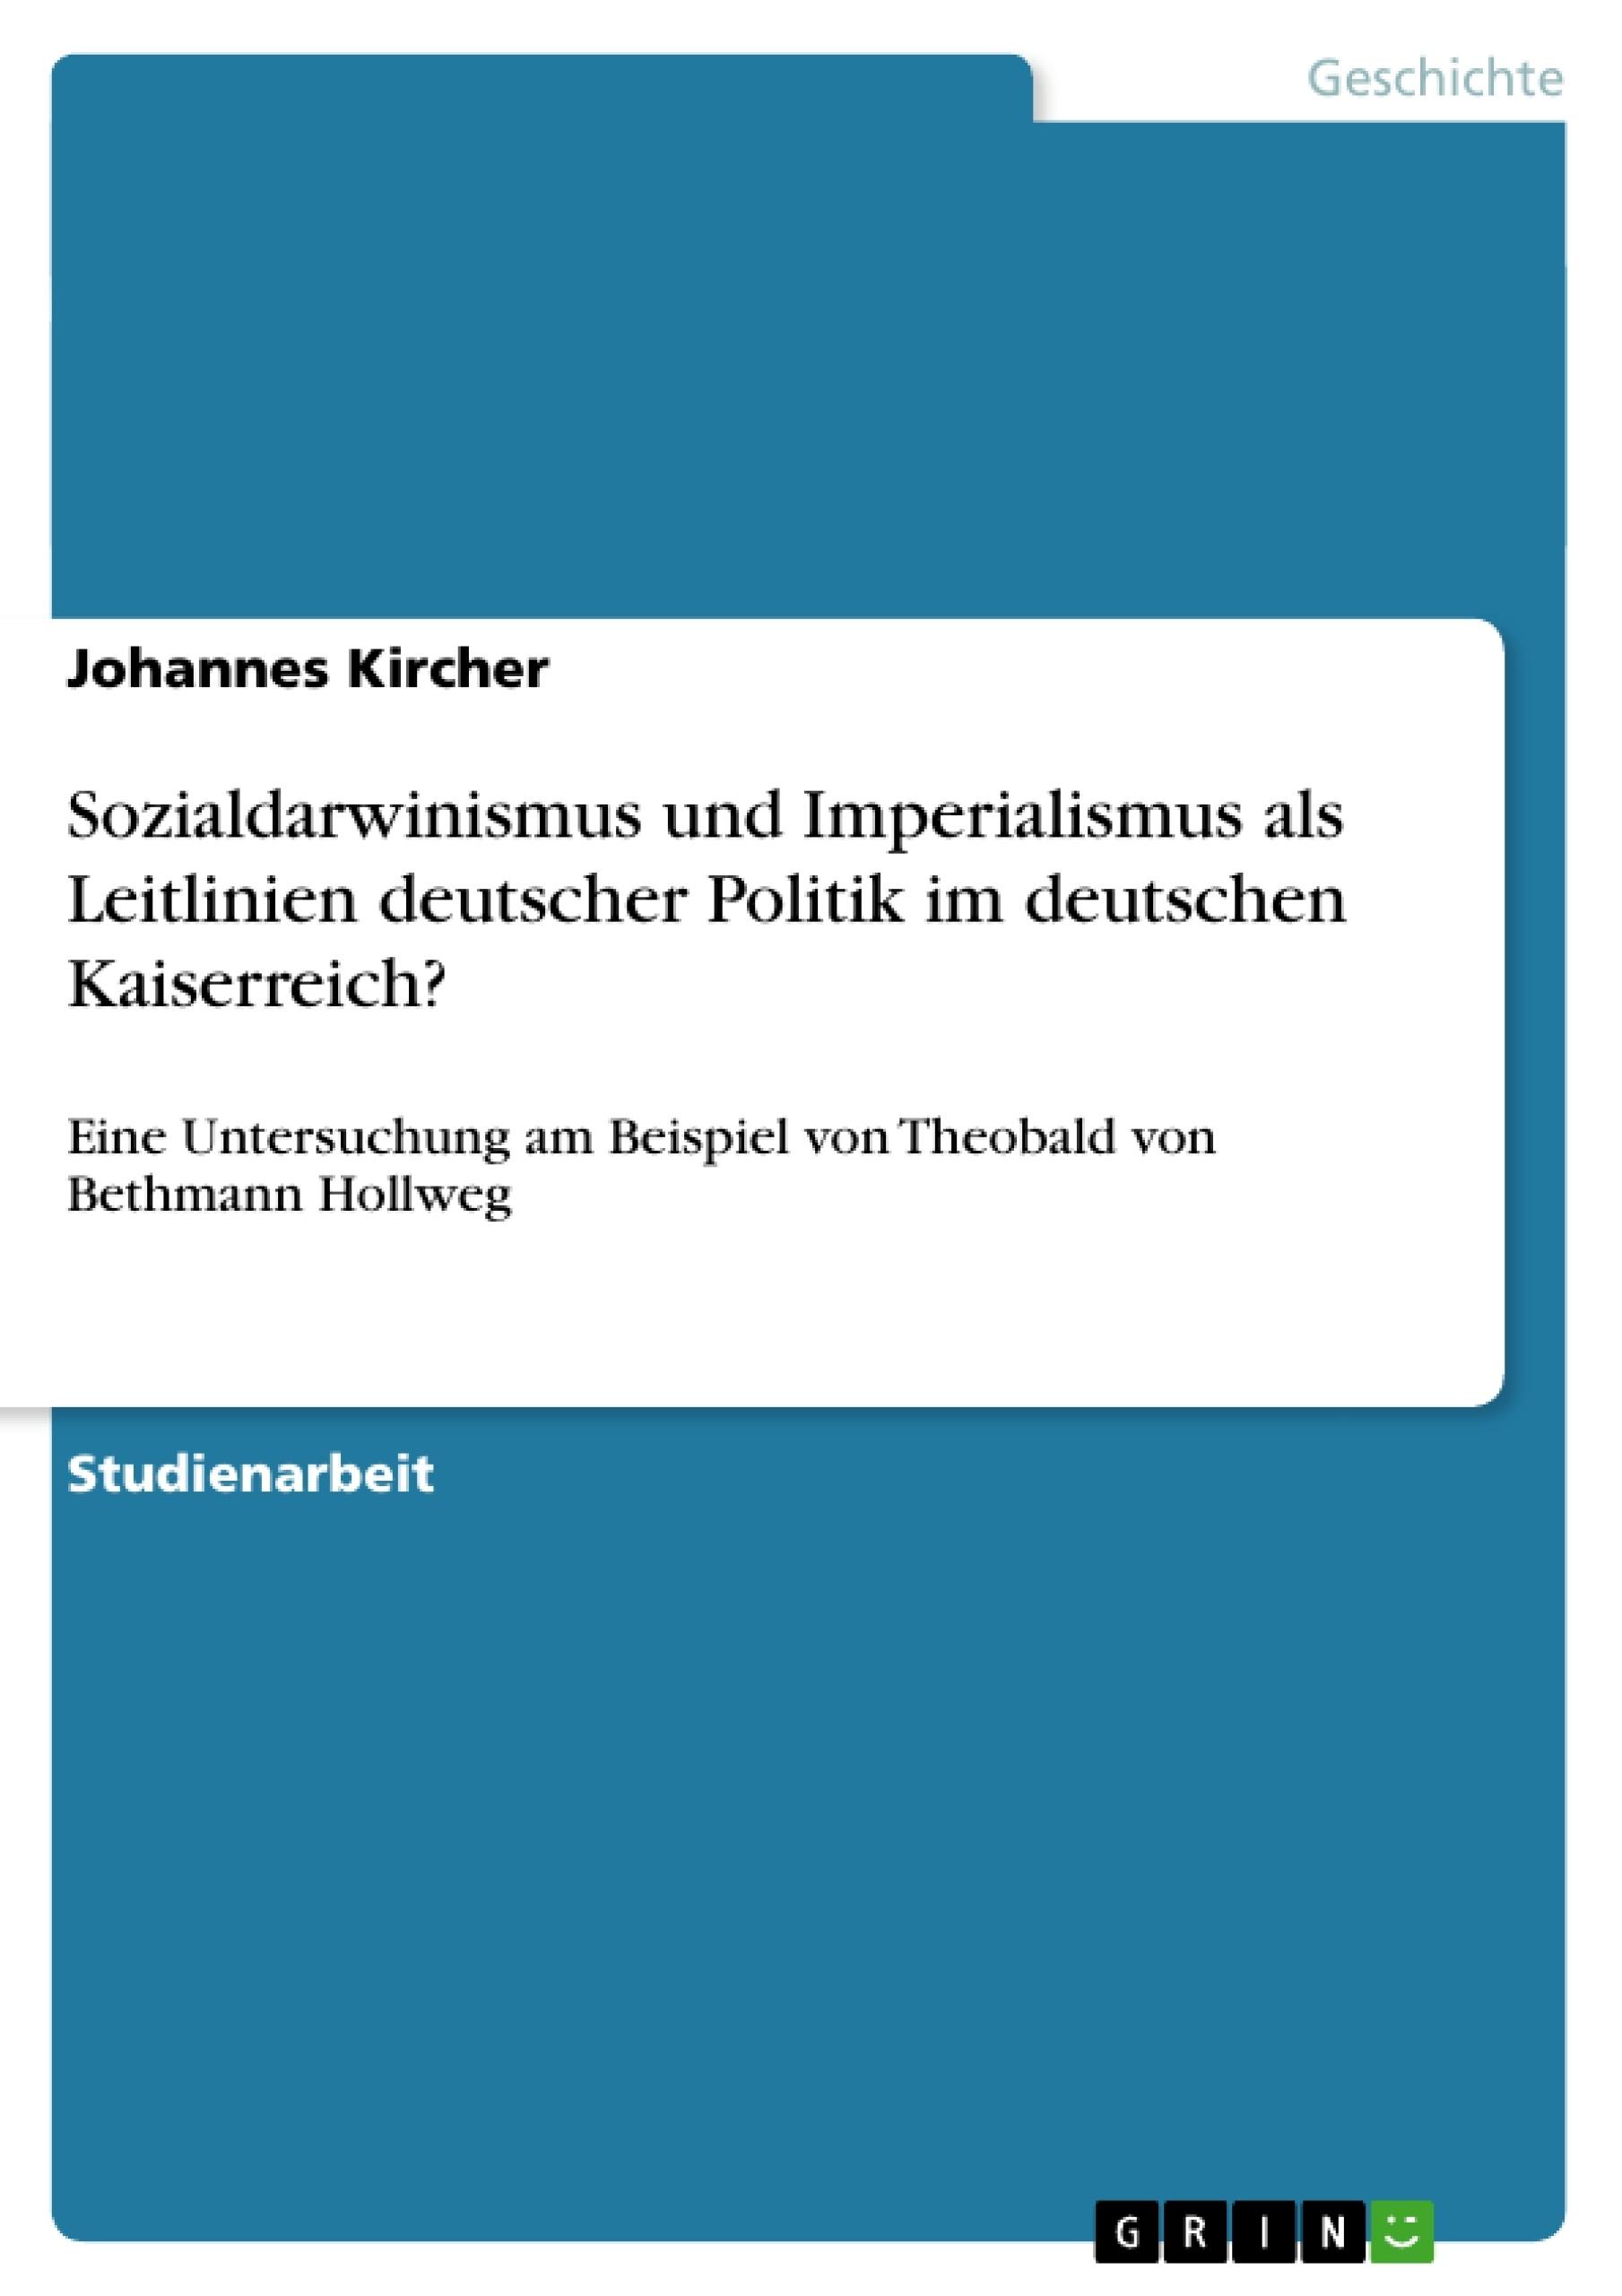 Titel: Sozialdarwinismus und Imperialismus als Leitlinien deutscher Politik im deutschen Kaiserreich?